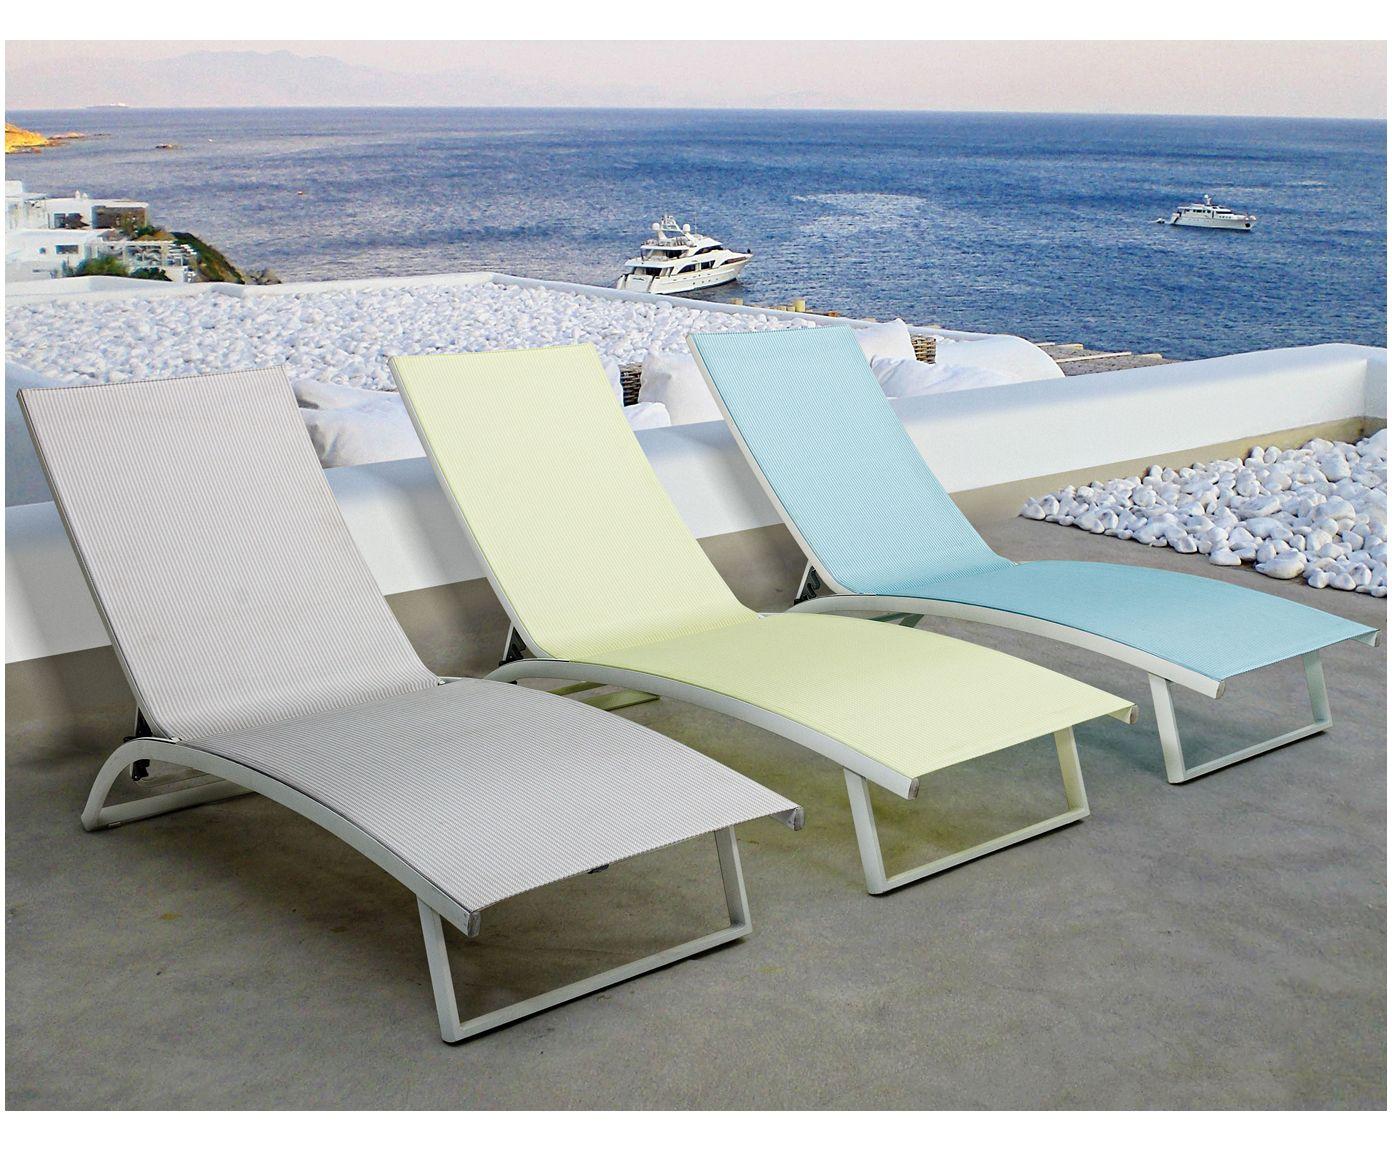 Outdoor Möbel Die Den Sommer Noch Schöner Machen